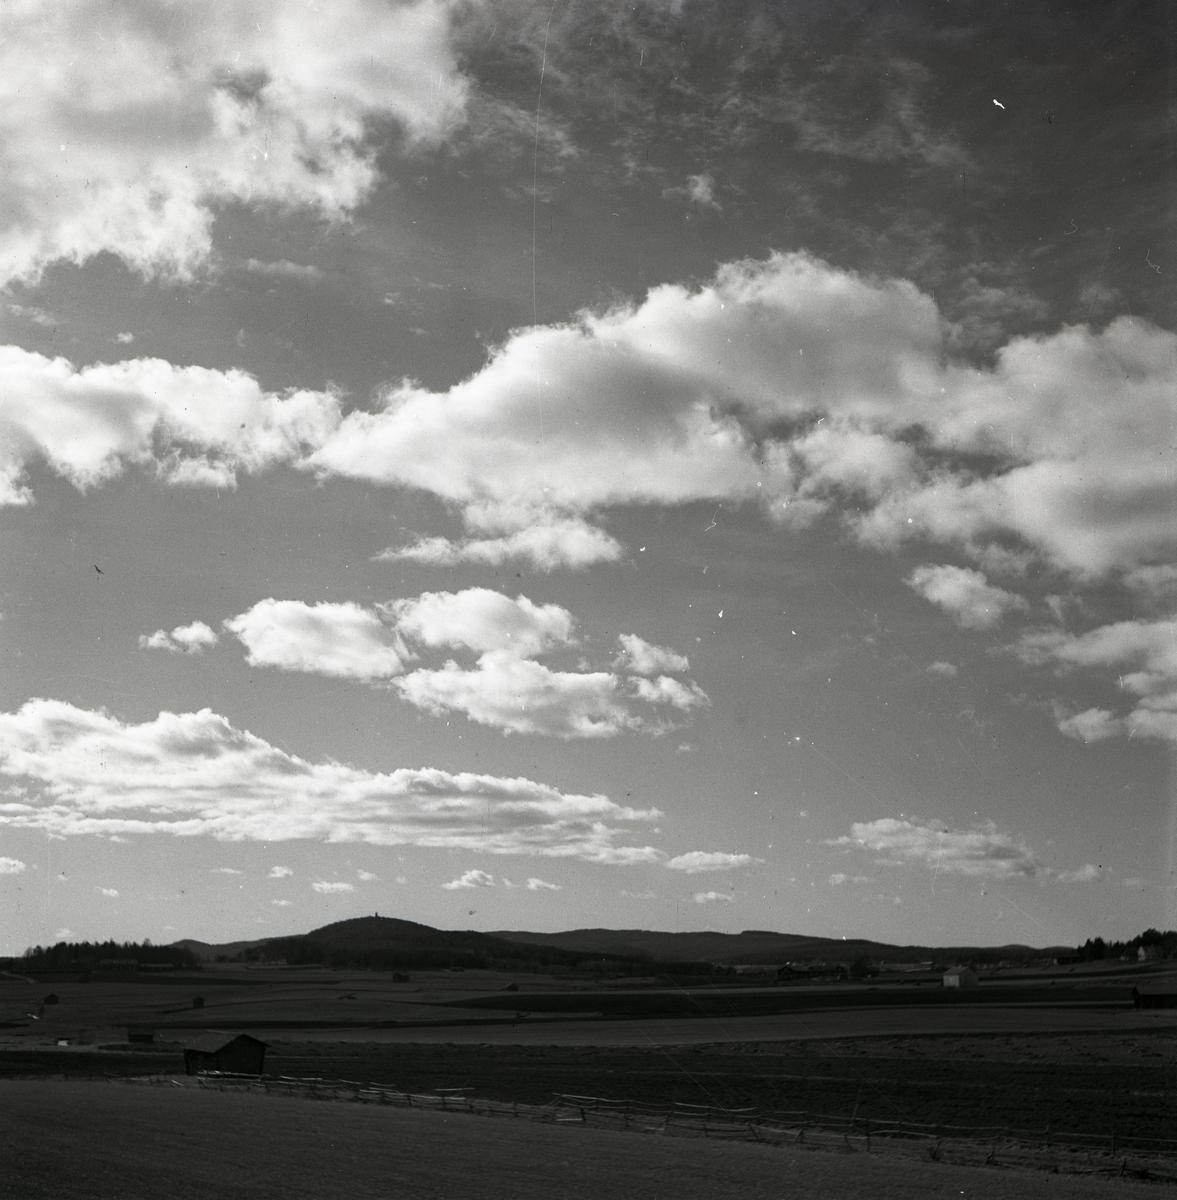 En landskapsvy under en molnig himmel, sommaren 1949.